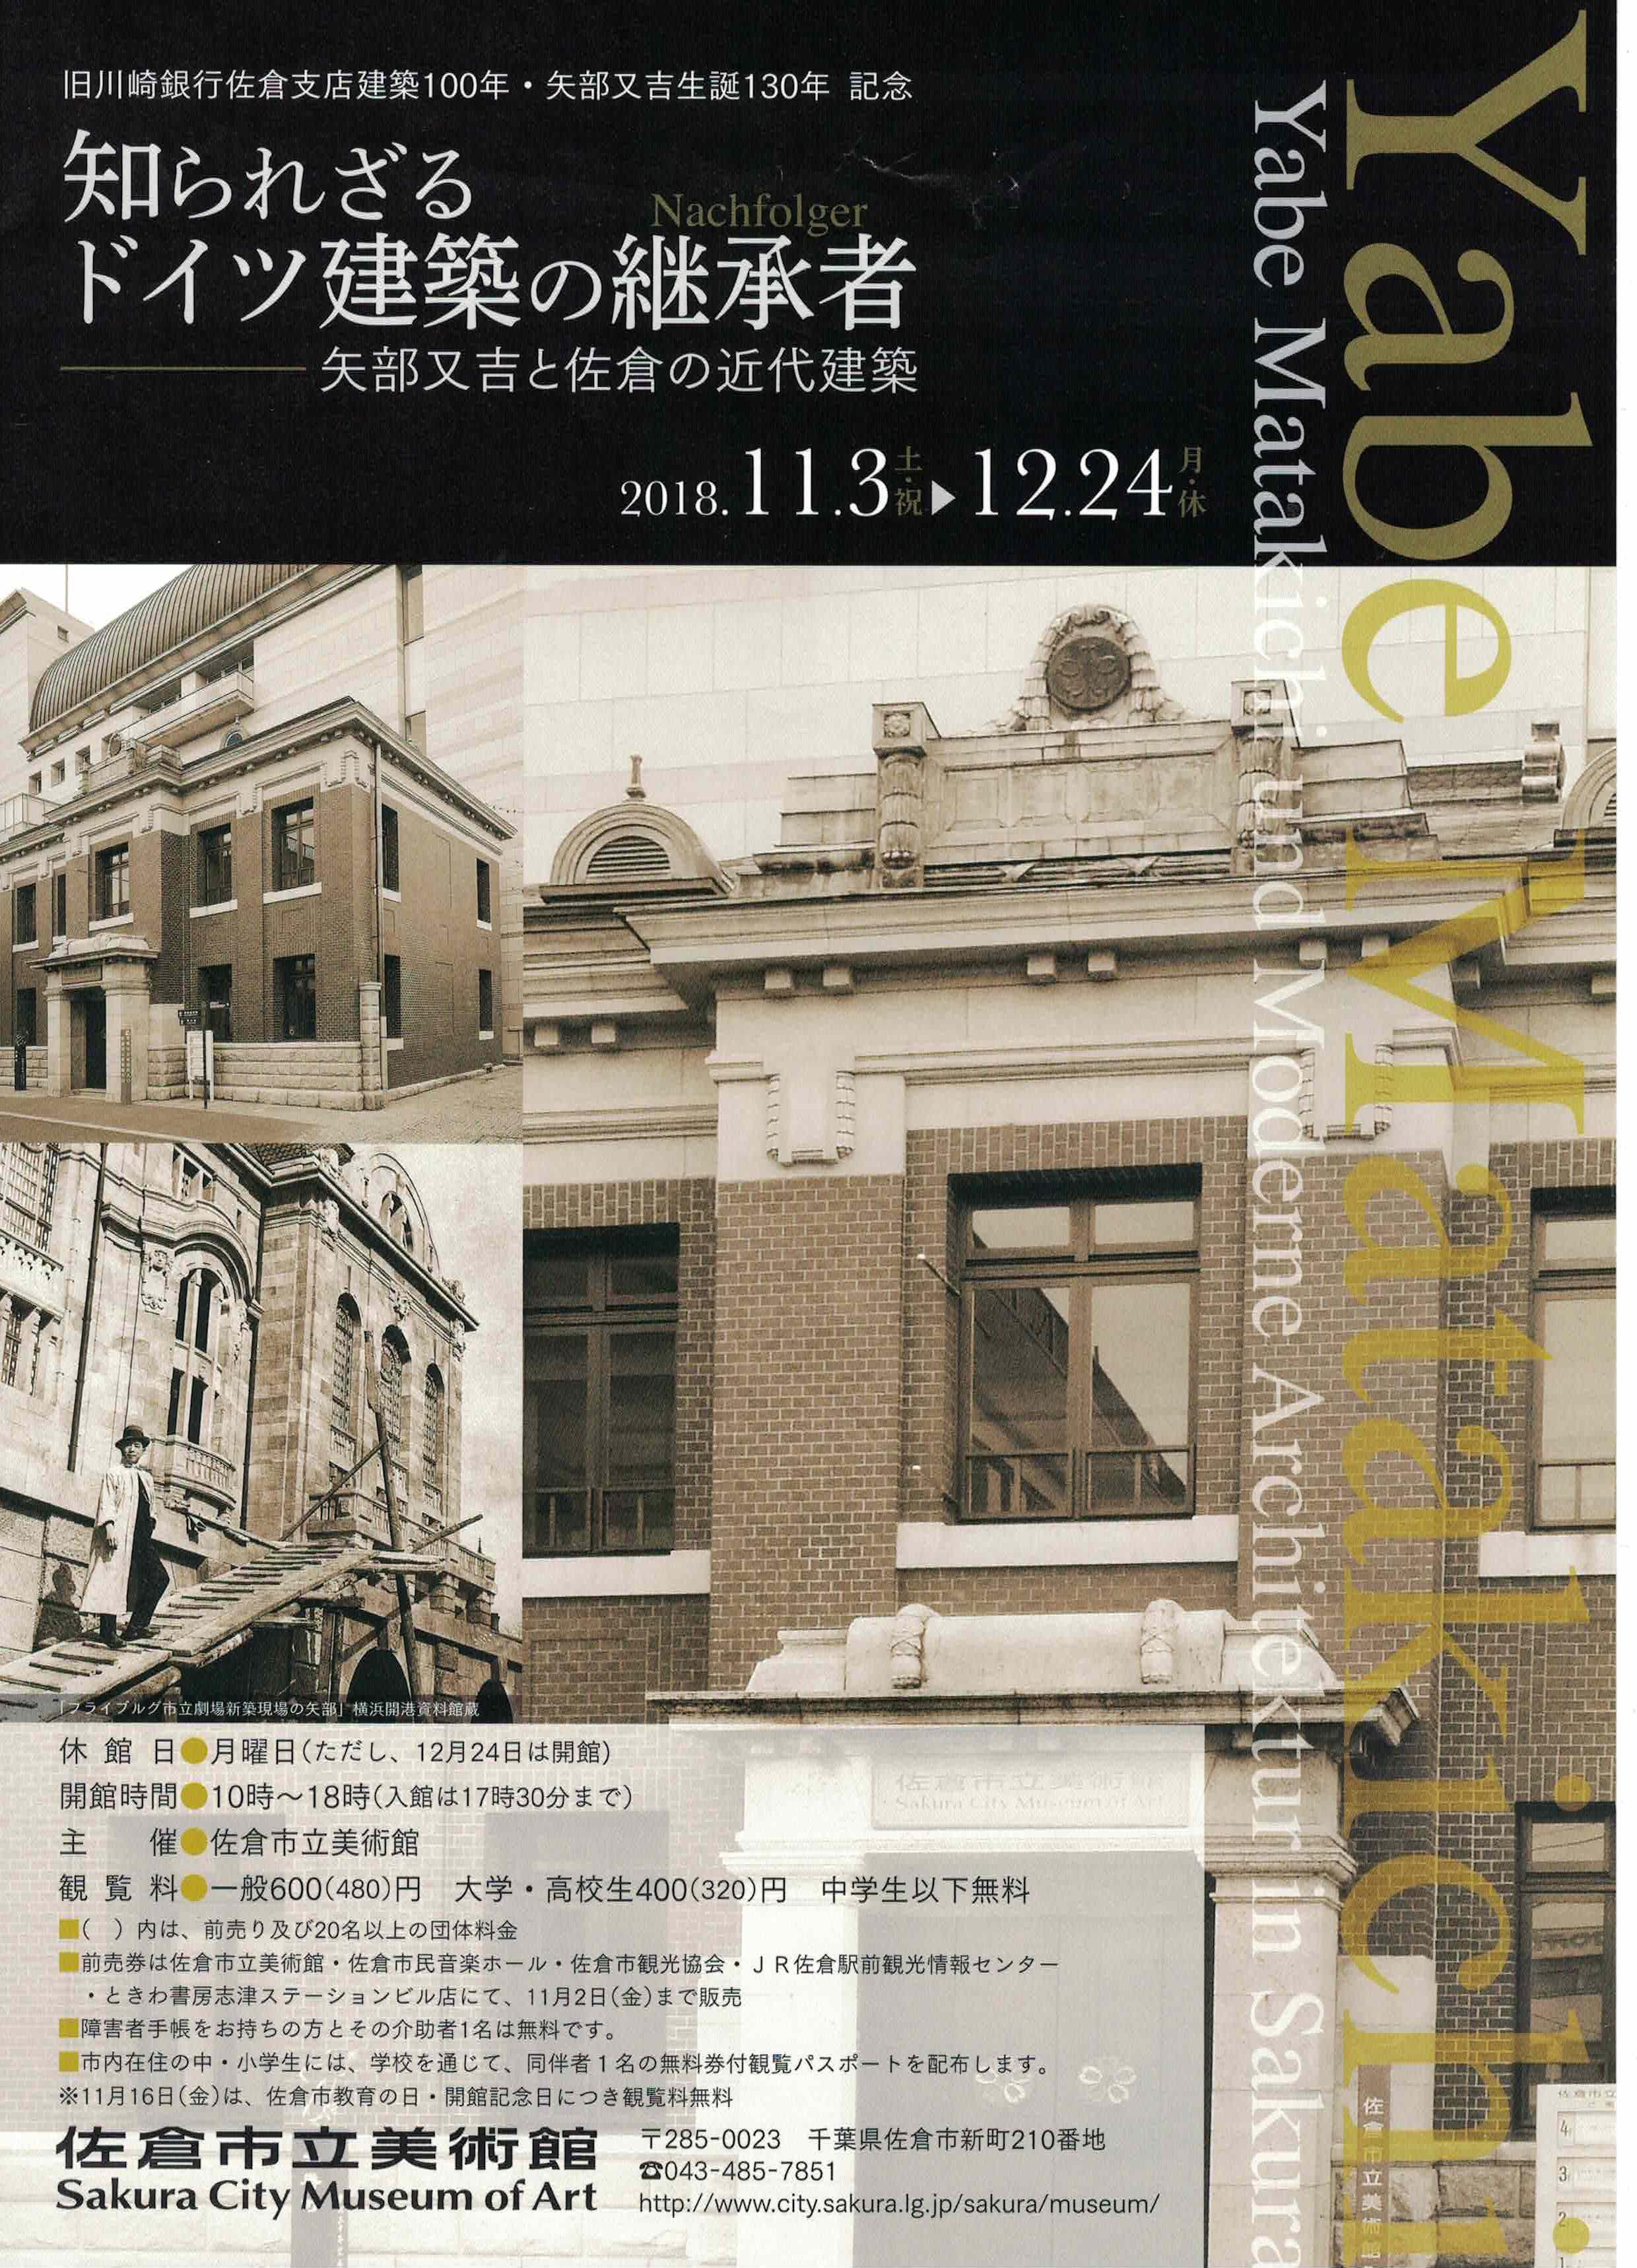 佐倉市立美術館チラシ1